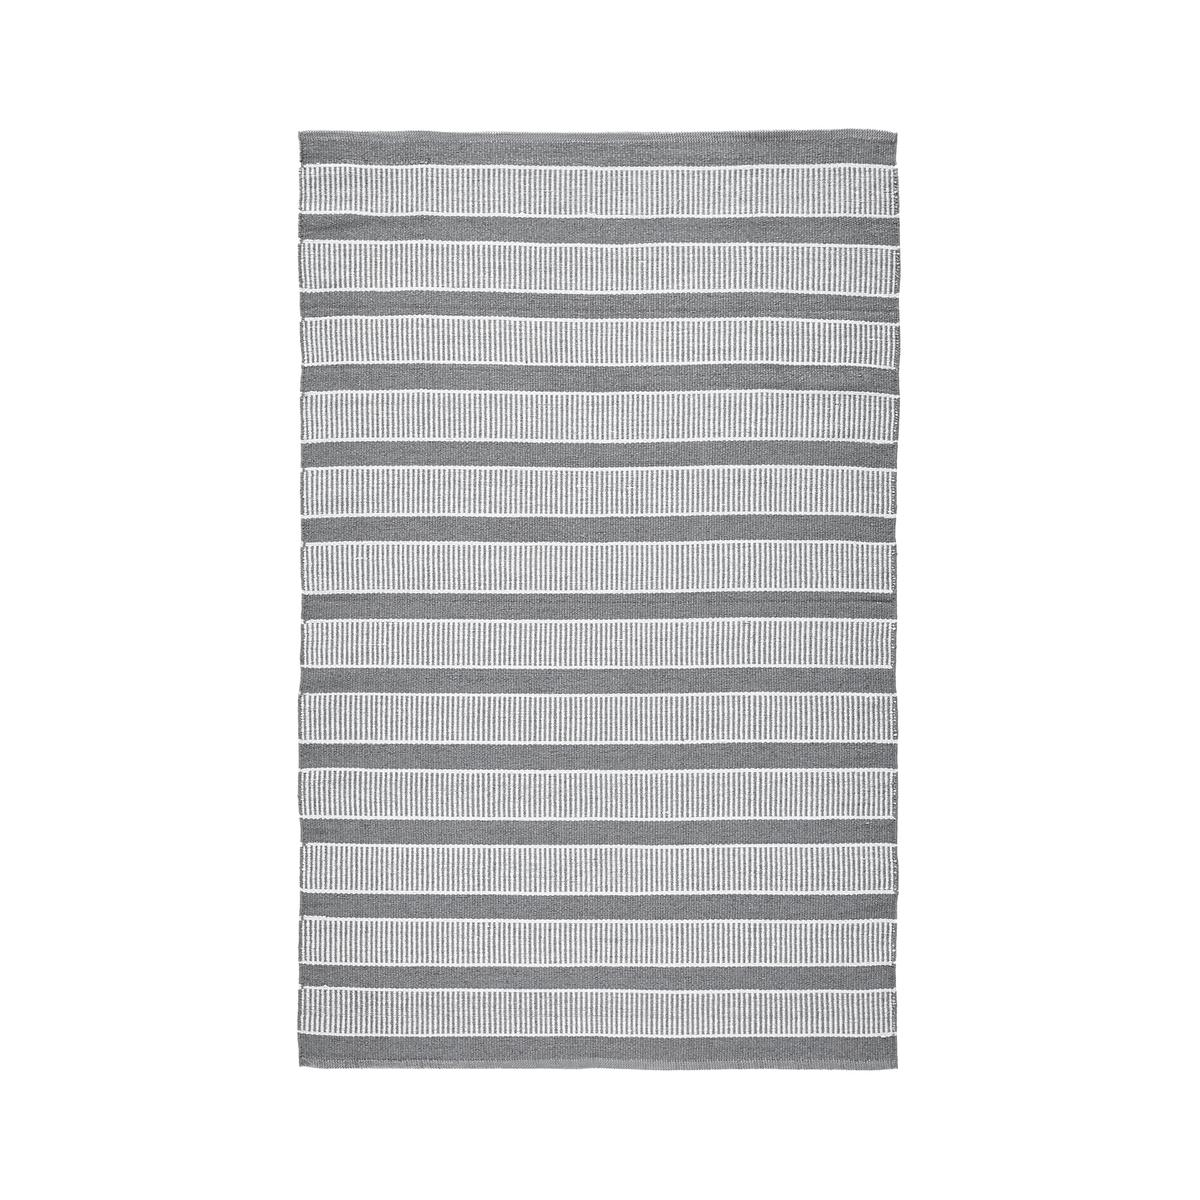 цена Ковер La Redoute Linky для использования как внутри помещения так и снаружи 120 x 180 см серый онлайн в 2017 году